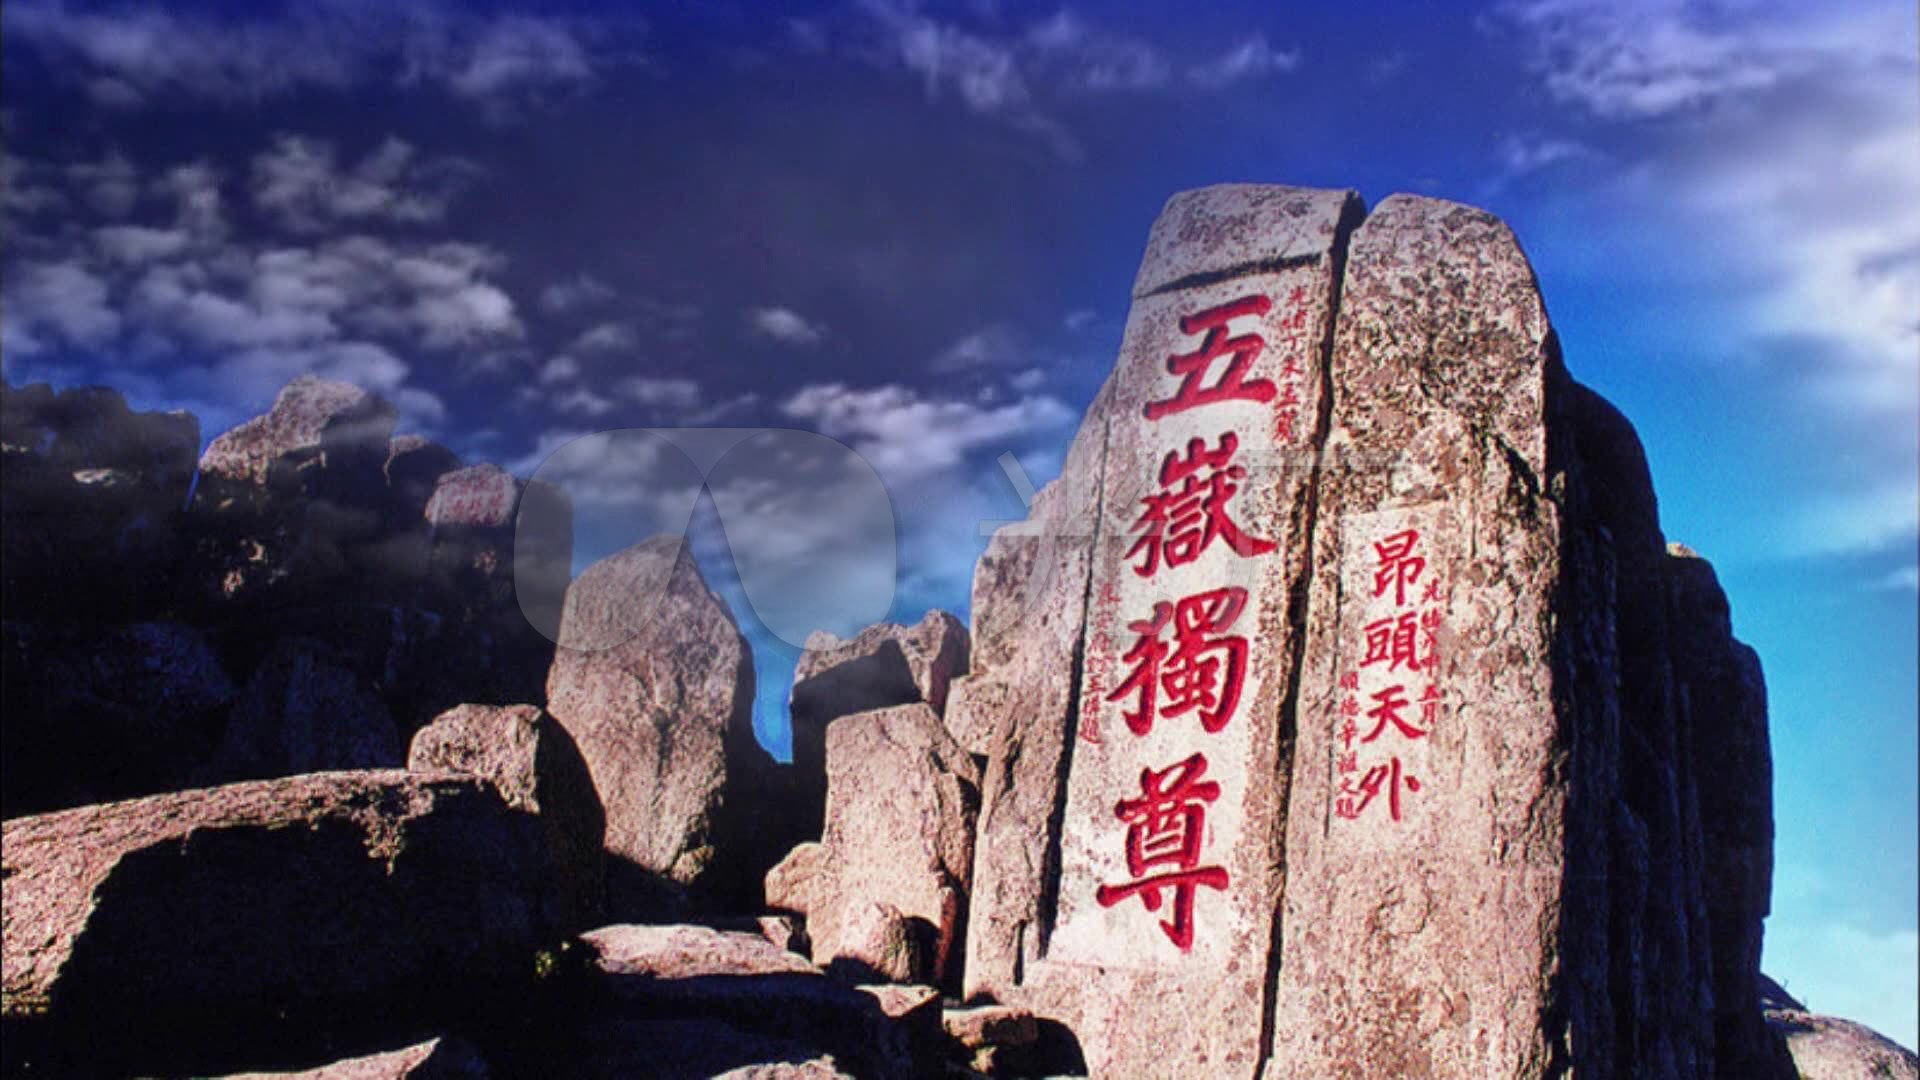 泰山五岳独尊祥云_1920x1080_高清视频素材下载(编号